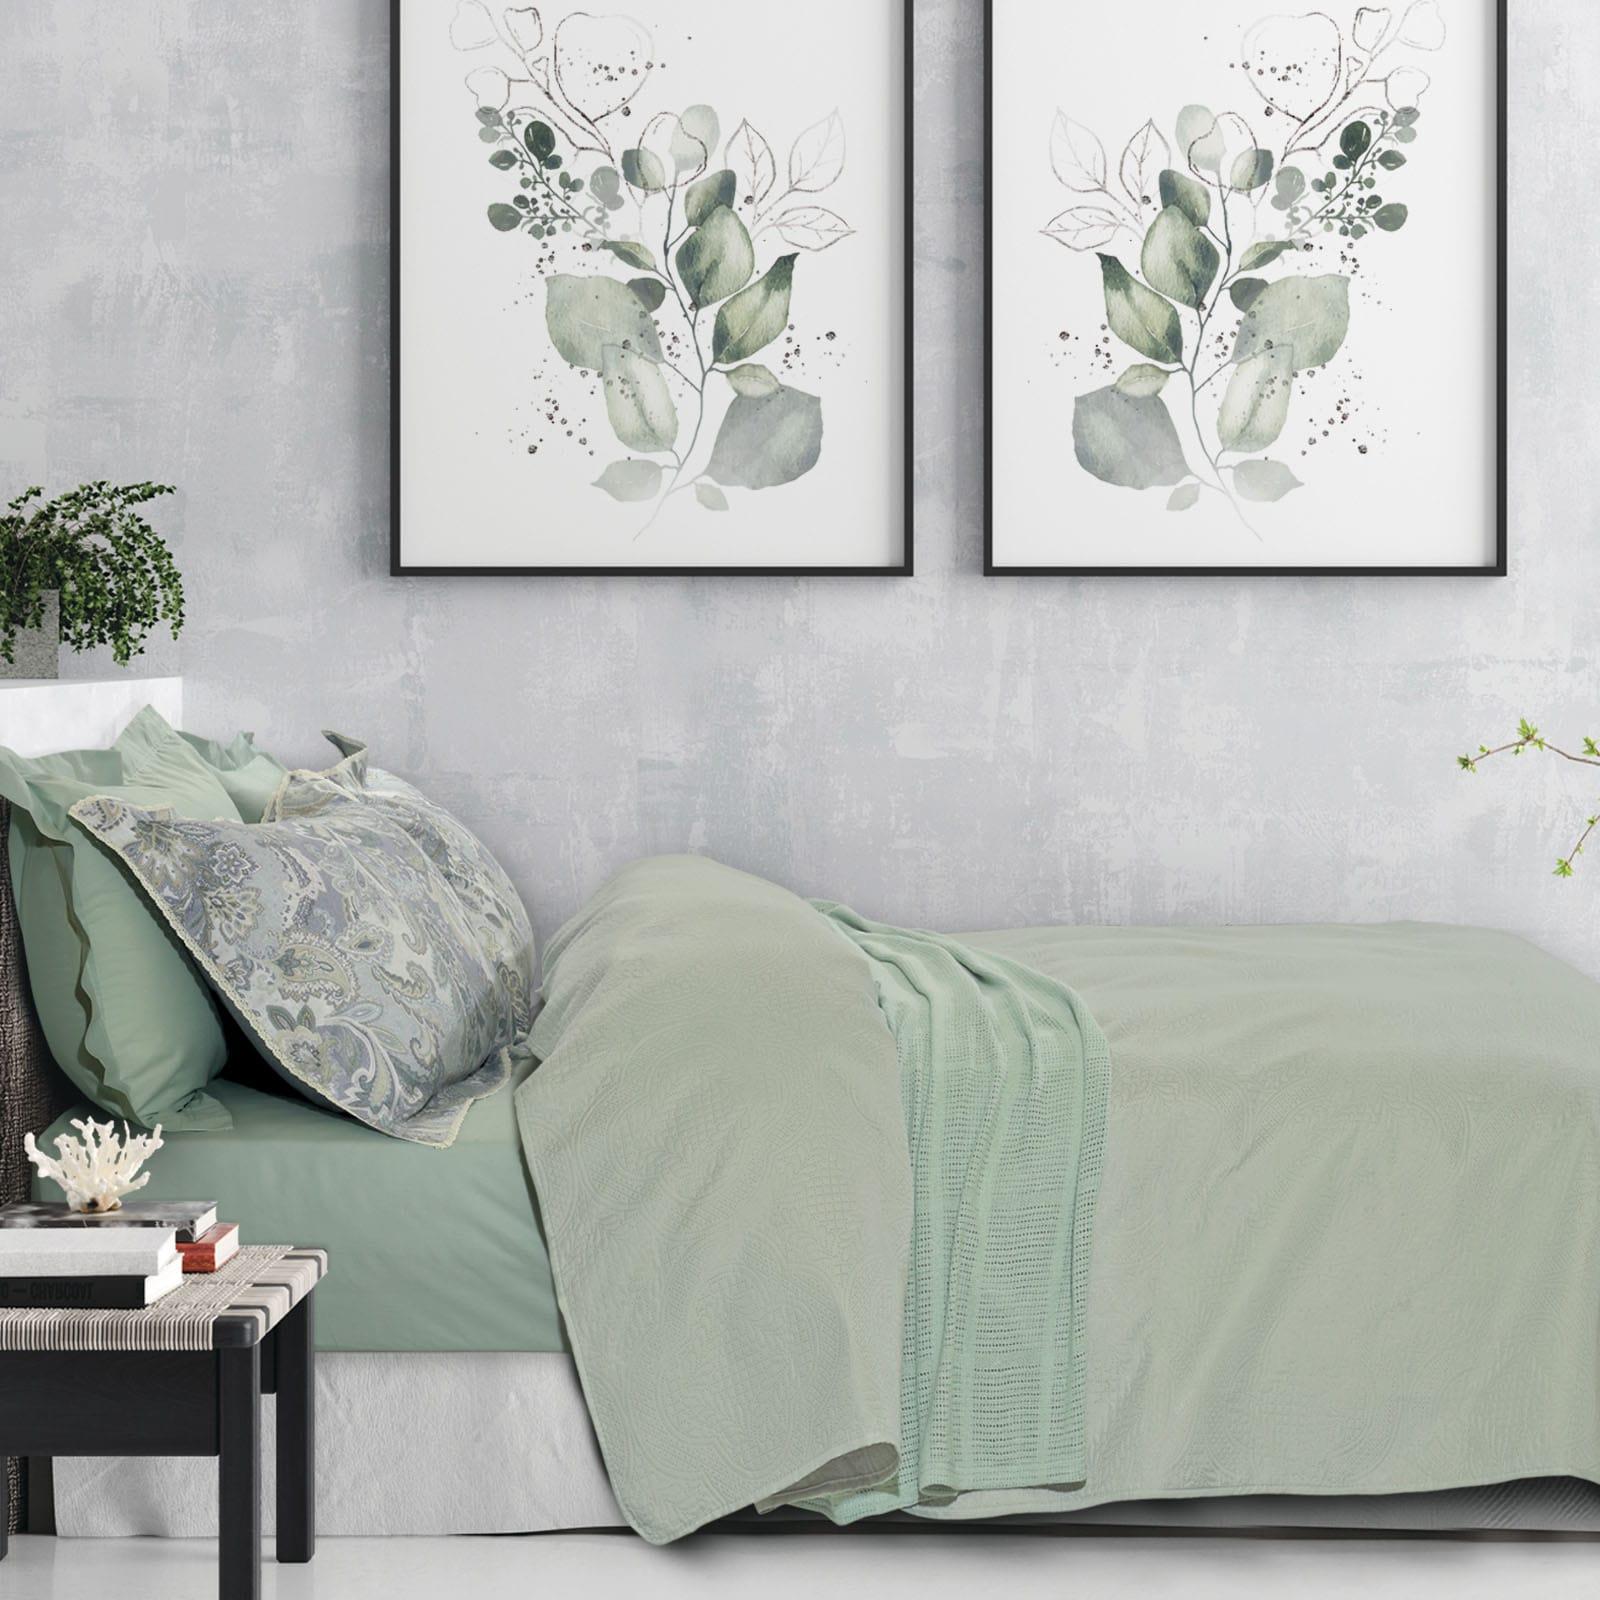 Κουβερλί 9484 Happy Olive Das Home Μονό 160x240cm